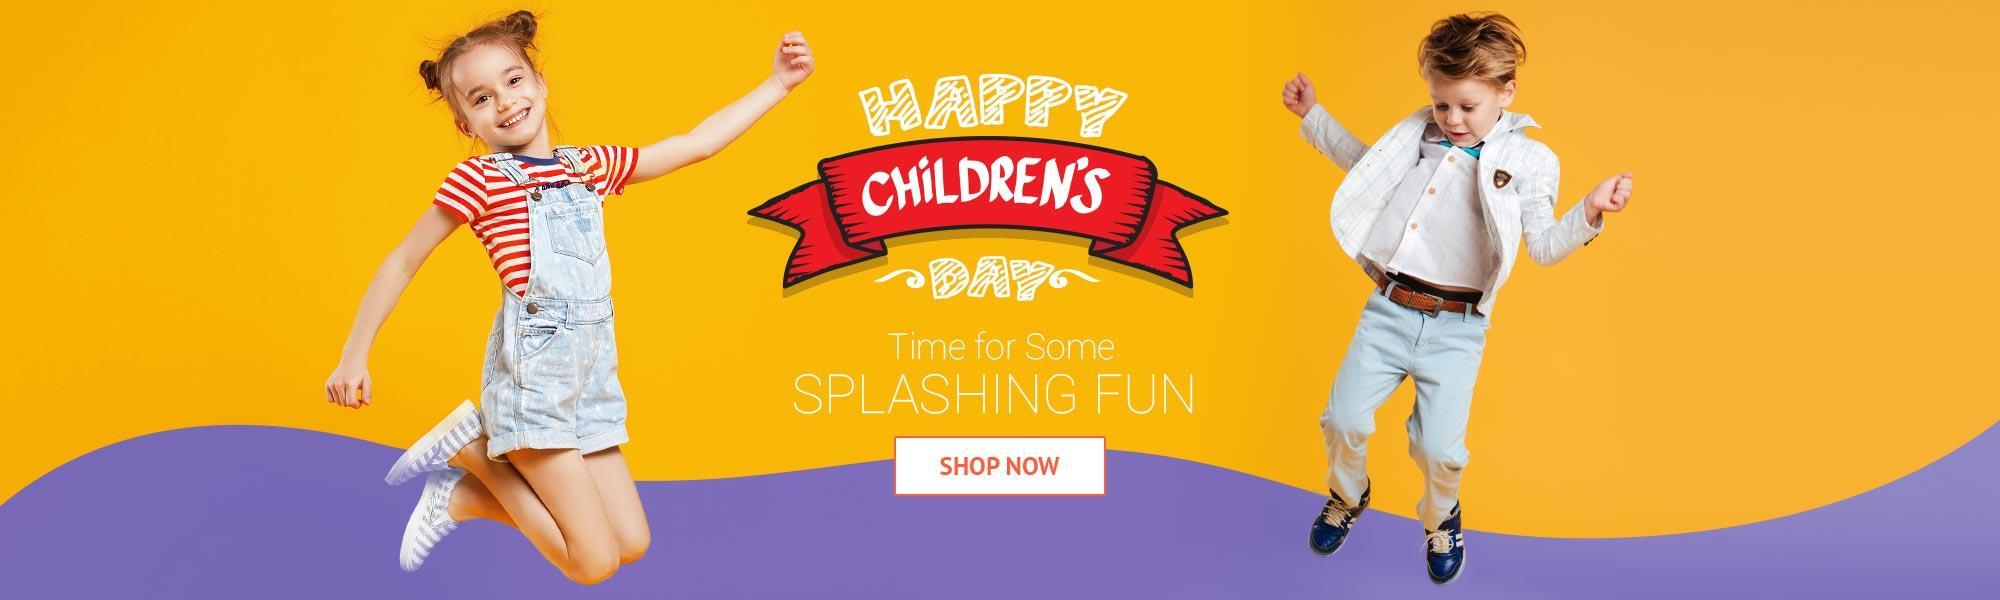 HAPPY CHILDERNS DAY